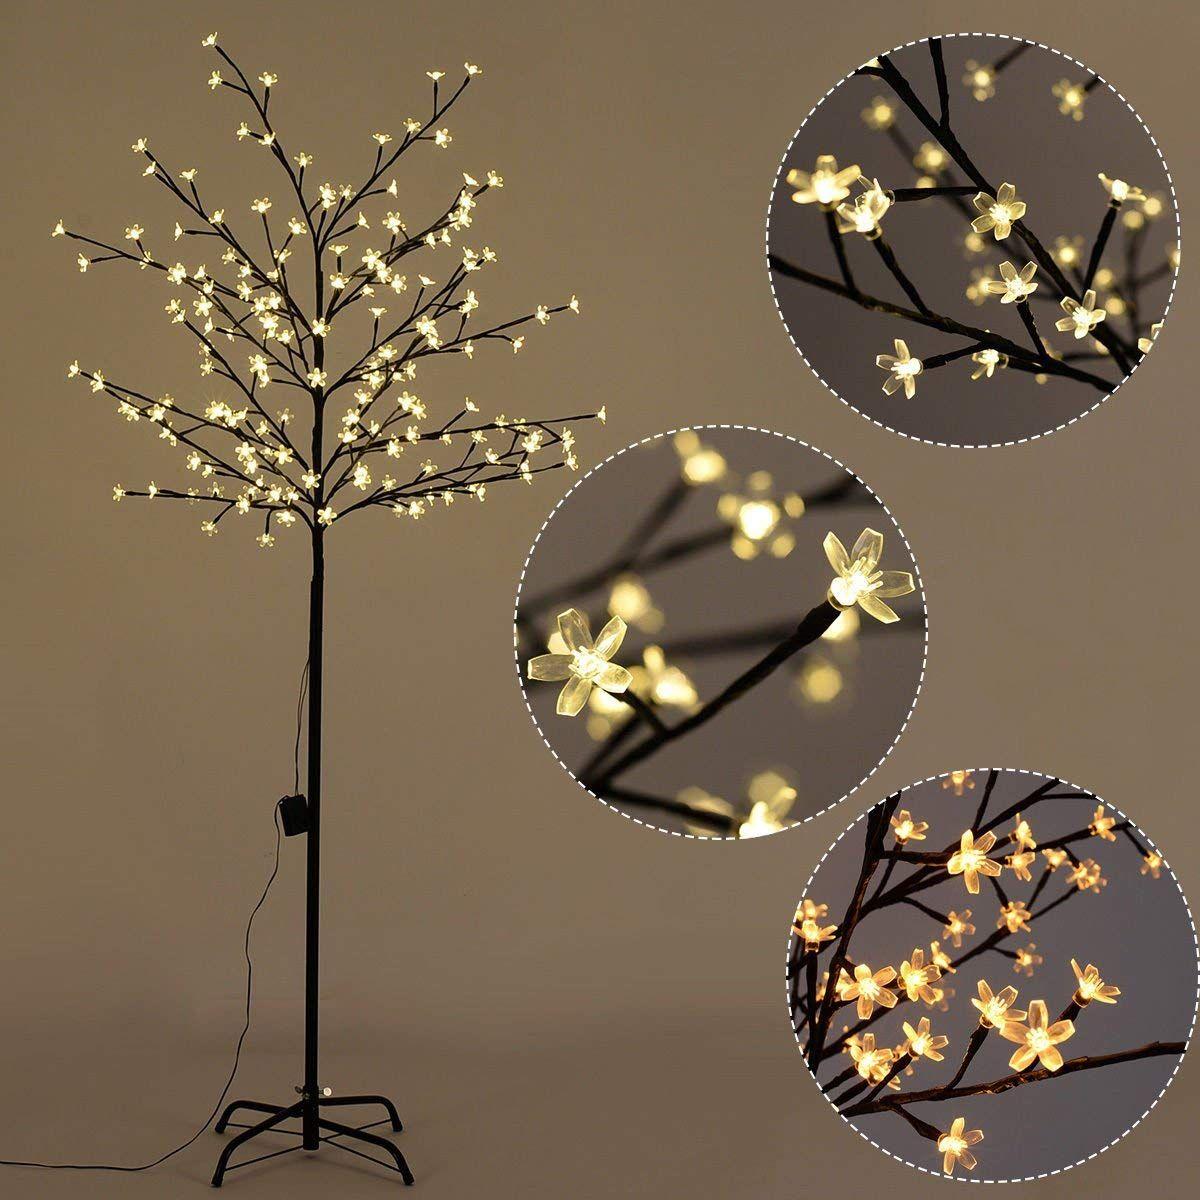 Furinho Bush 6ft 160led Christmas Xmas Cherry Blossom Led Tree Light Floor Lamp Holiday Decor Wa Led Christmas Tree Lights Cherry Blossom Light Tree Led Tree